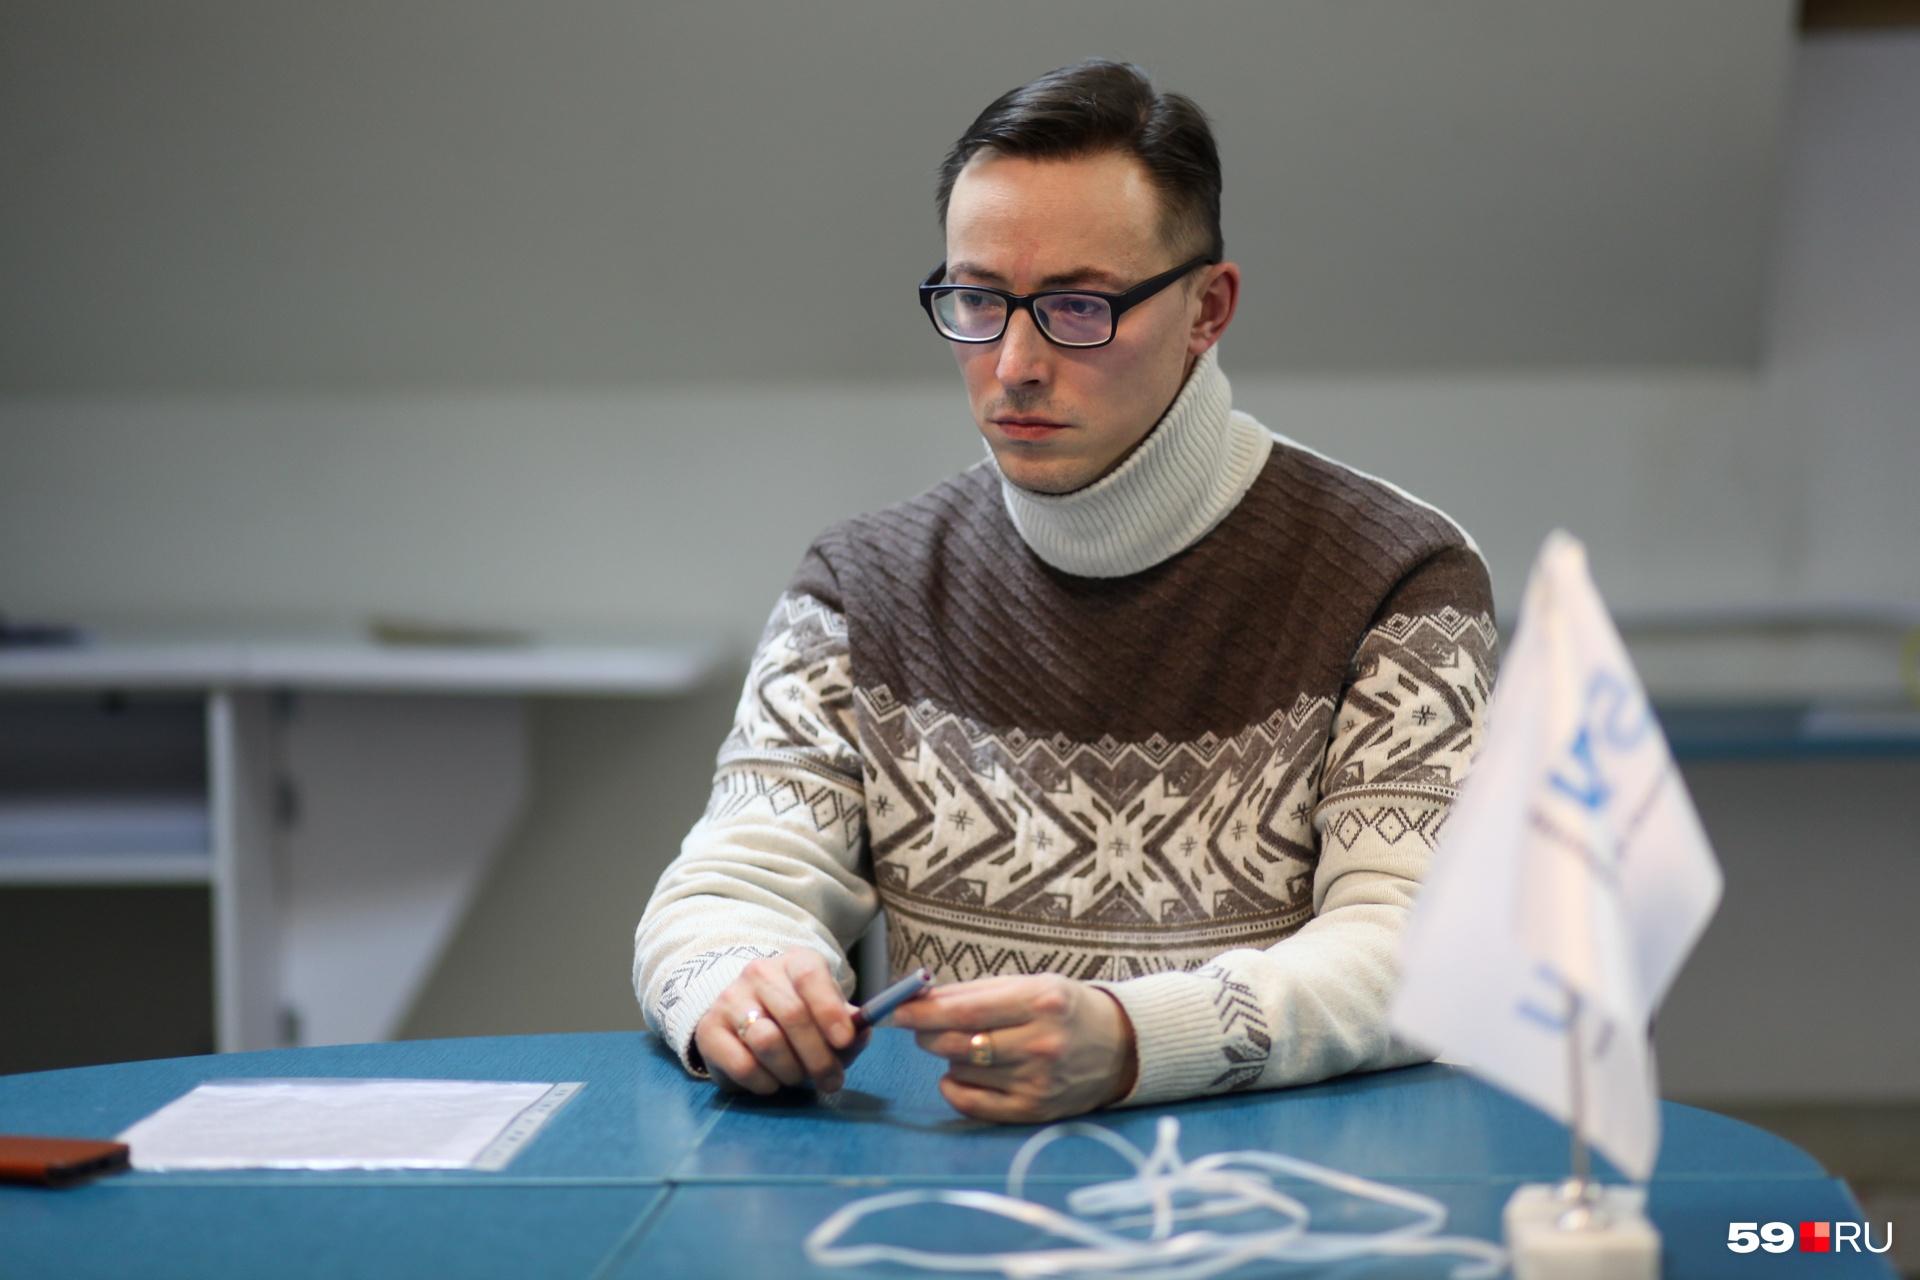 Дмитрий Карякин после повышения зарплаты в 2018 году получил меньше, чем при прежней системе оплаты в 2016 году